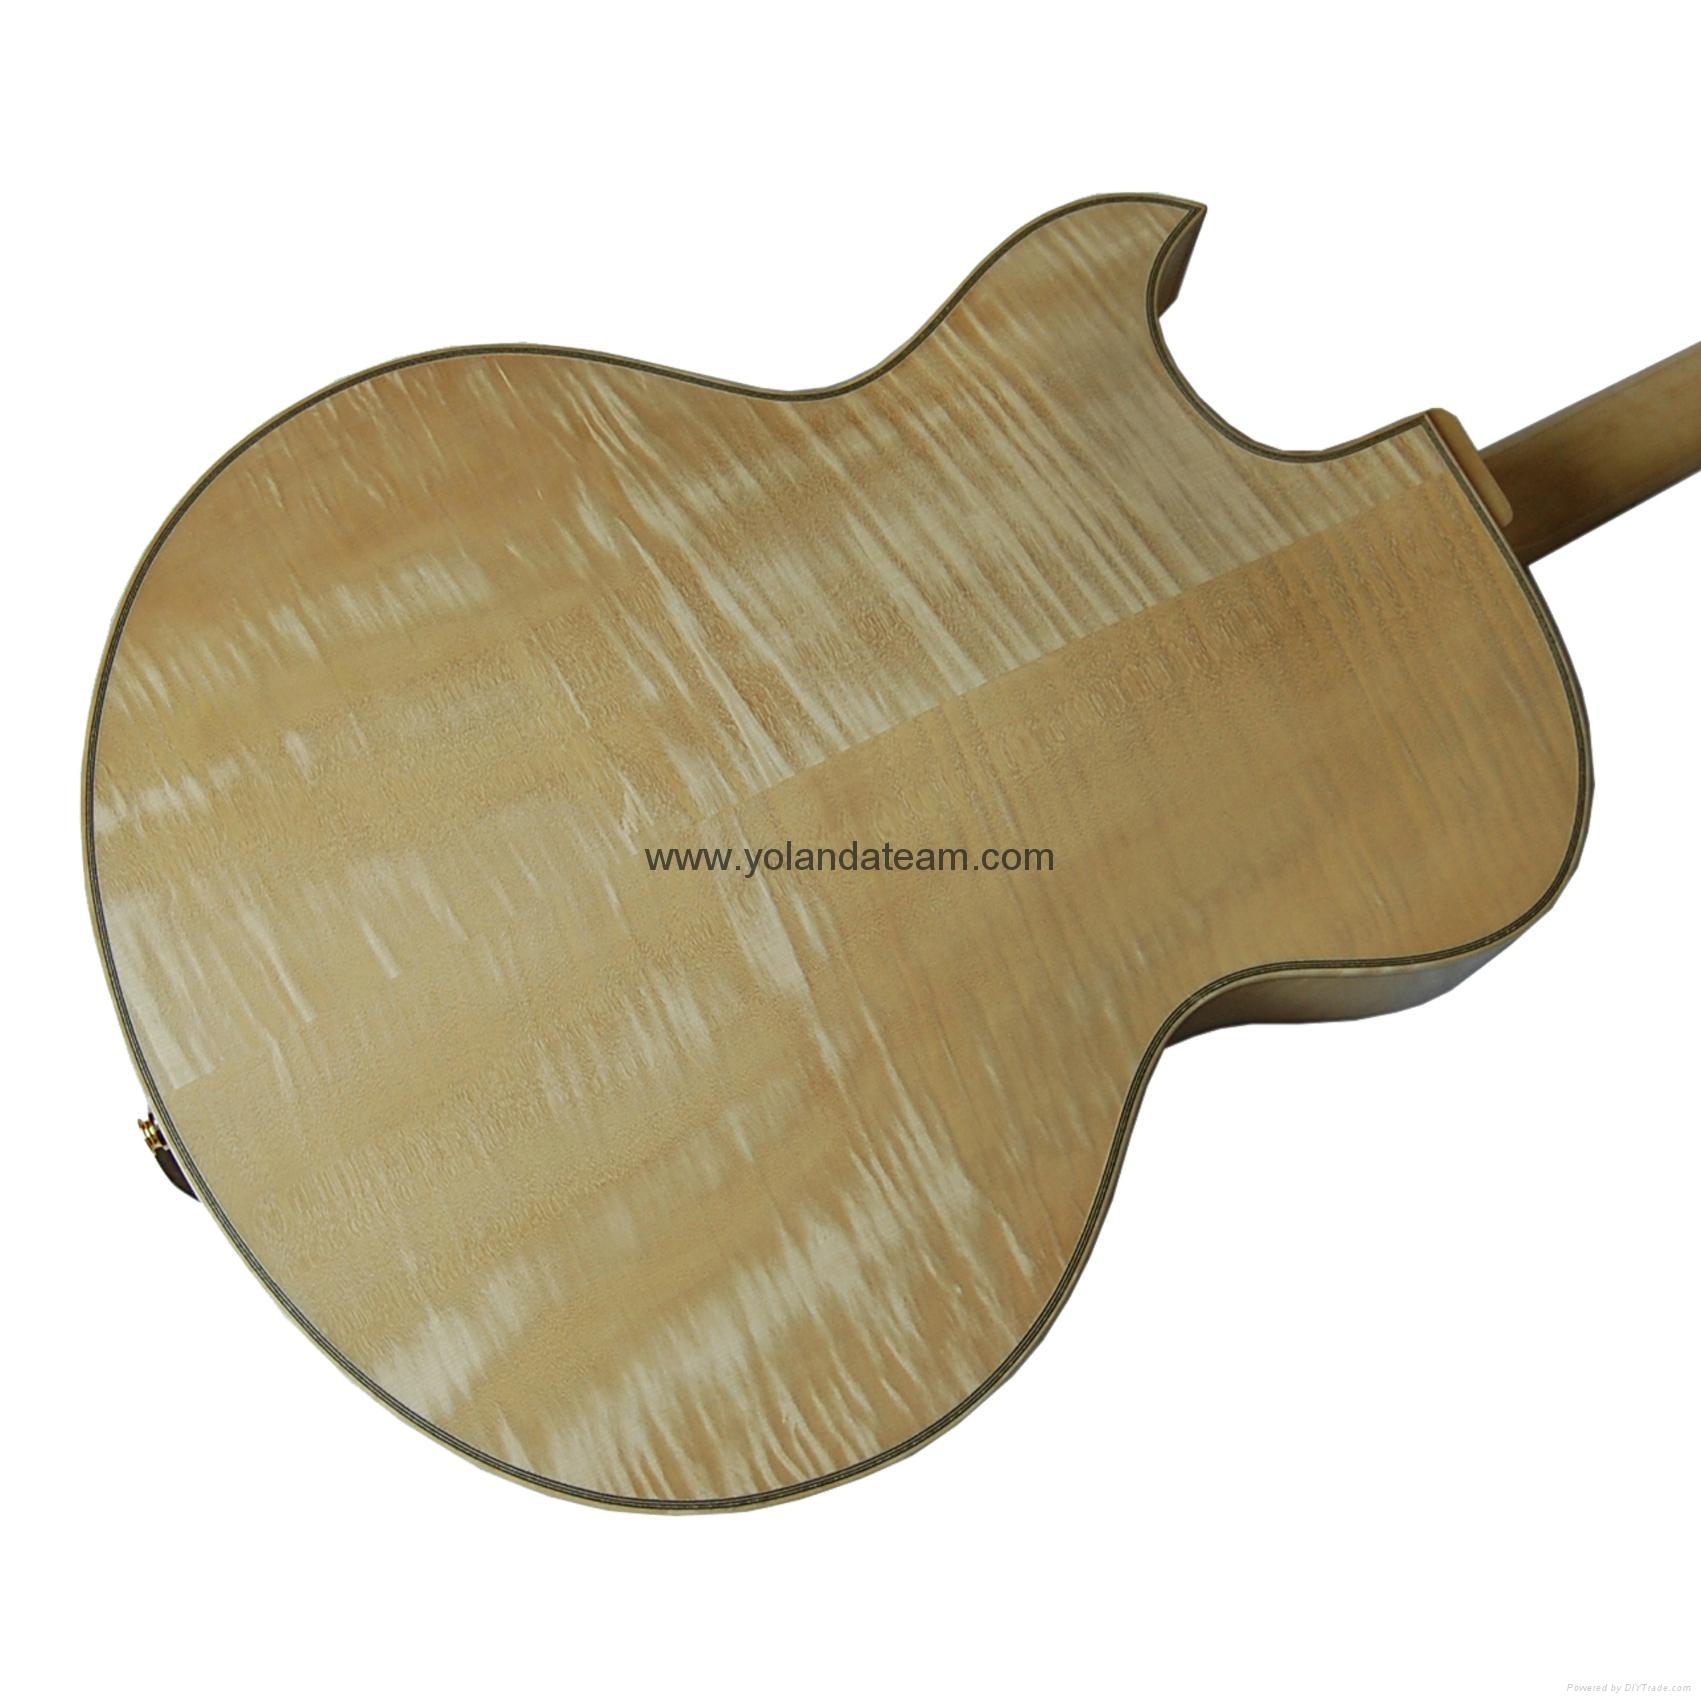 17寸尖角爵士吉他 4